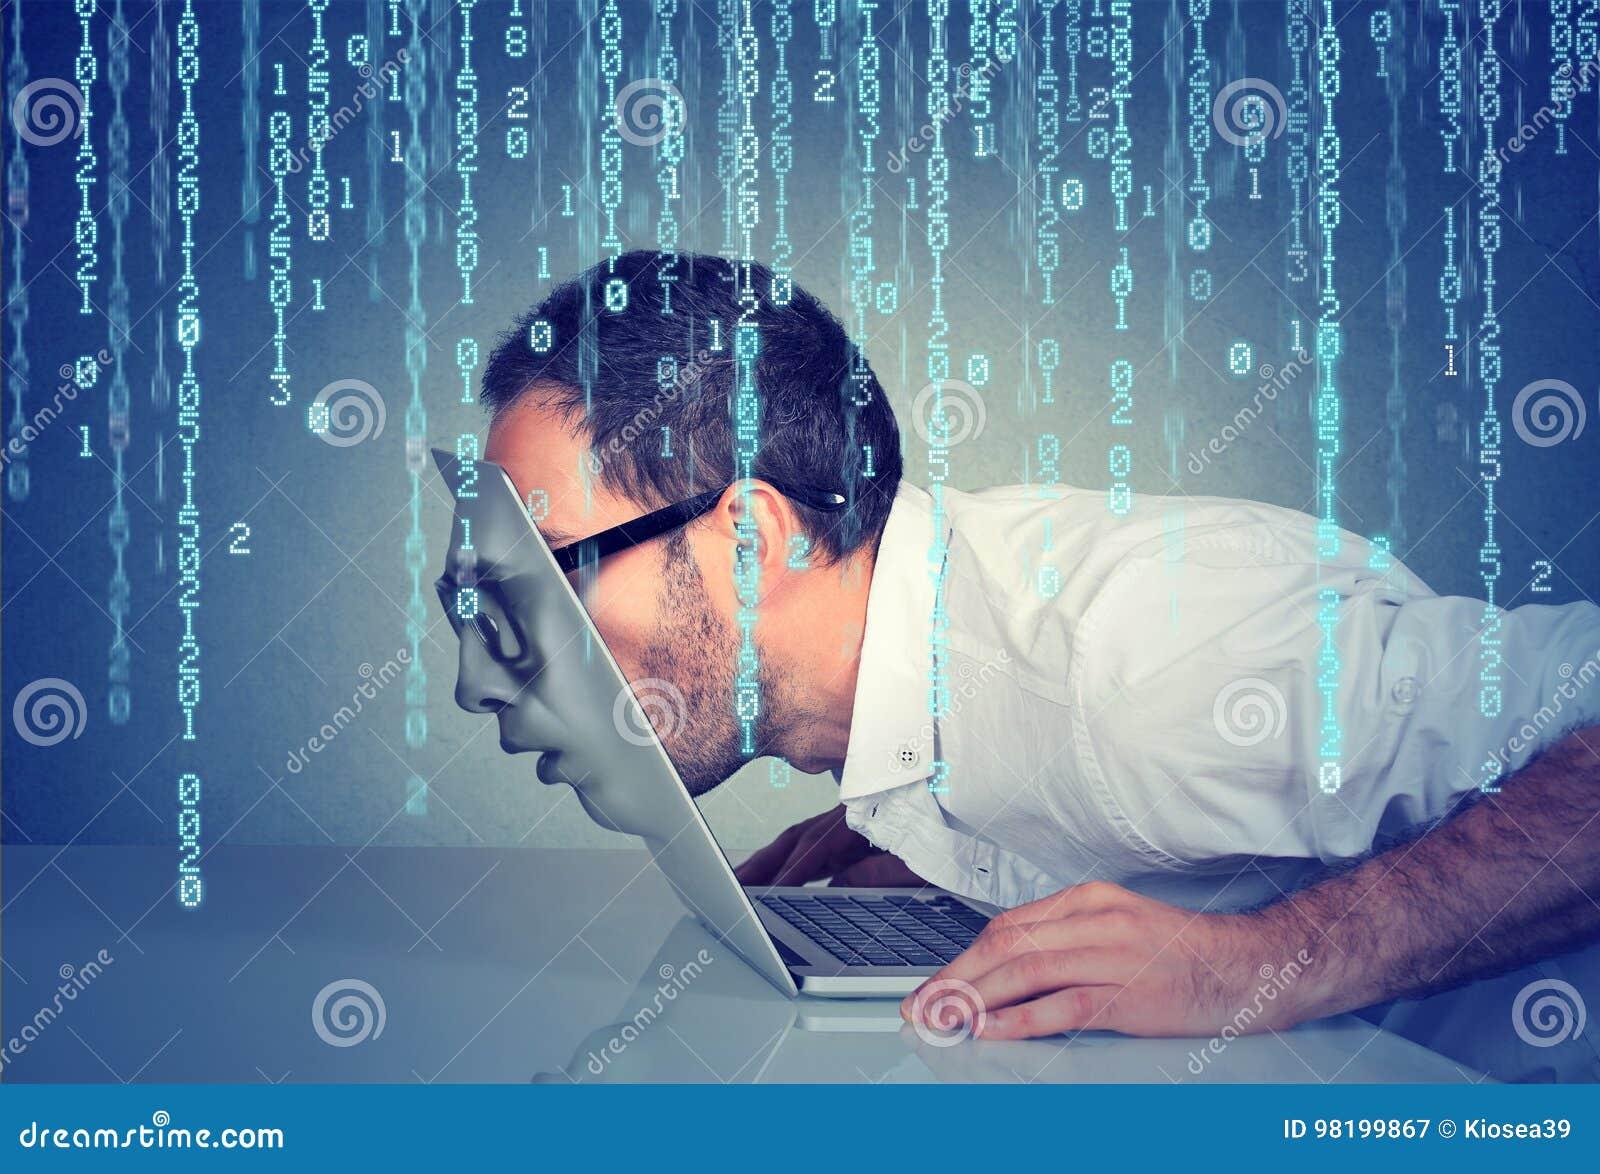 Επιχειρησιακό άτομο με το πρόσωπό του που περνά μέσω της οθόνης ενός lap-top στο υπόβαθρο δυαδικού κώδικα